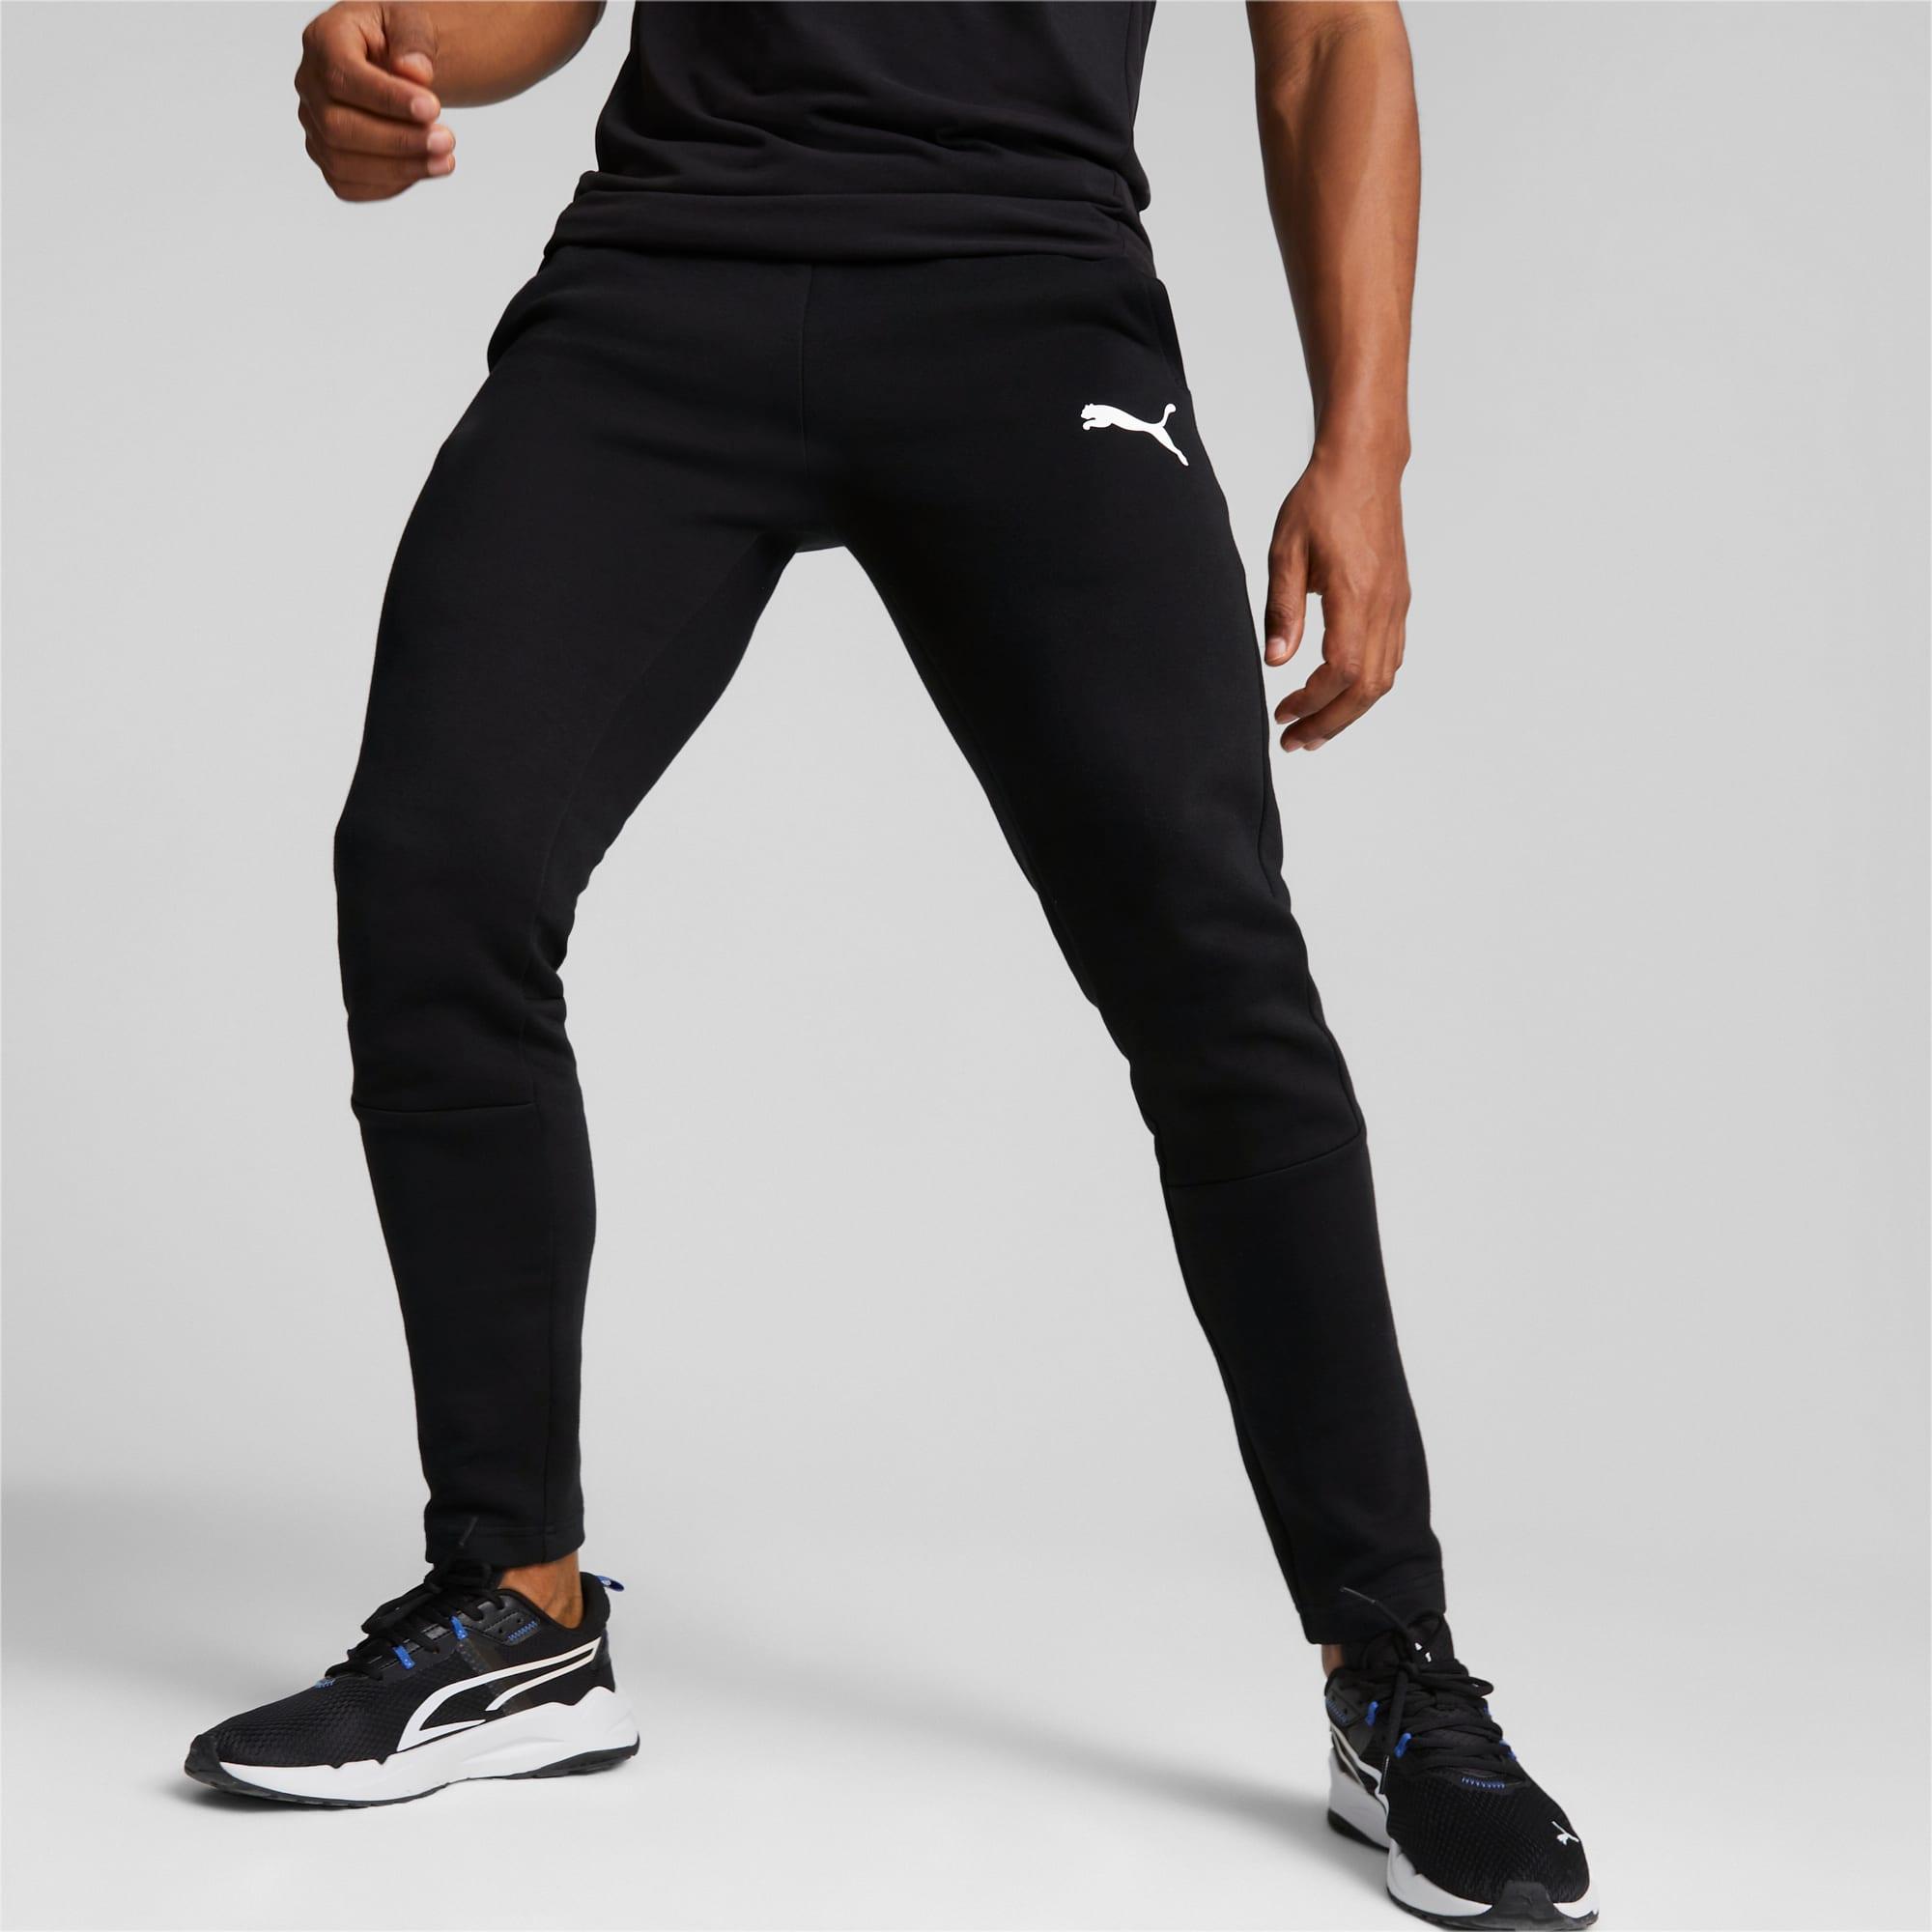 Pantalones Deportivos Evostripe Para Hombre Puma Black Puma Collecion Hombre Puma Espana